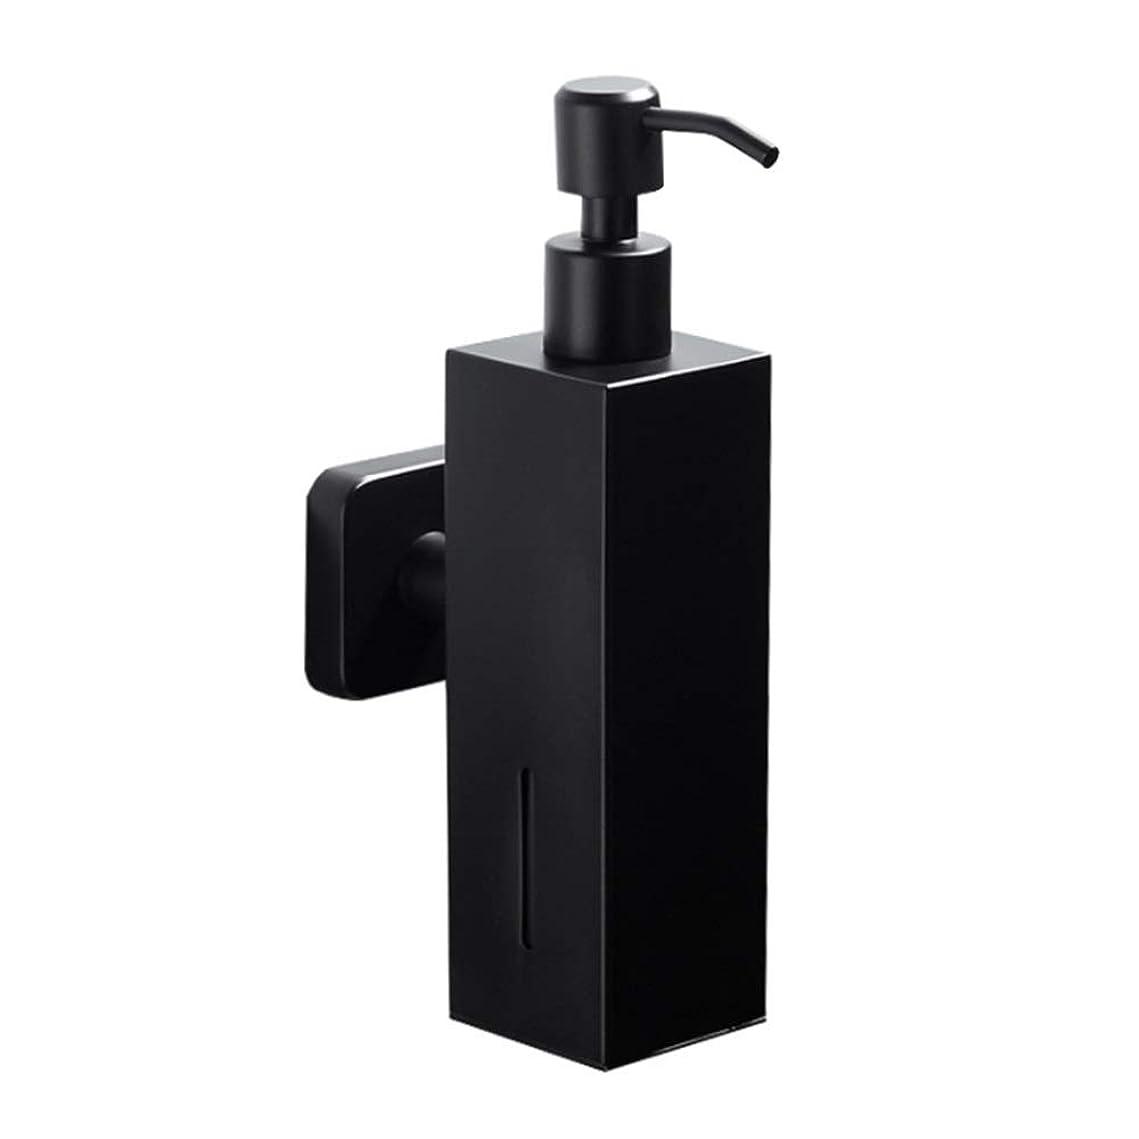 レンジ好ましいオデュッセウスソープディスペンサー カウンタートップの手動石鹸ディスペンサー200MLのローションのびんのホテルの浴室の容器 ハンズフリー石鹸ディスペンサー (色 : C2, サイズ : FREE SIZE)